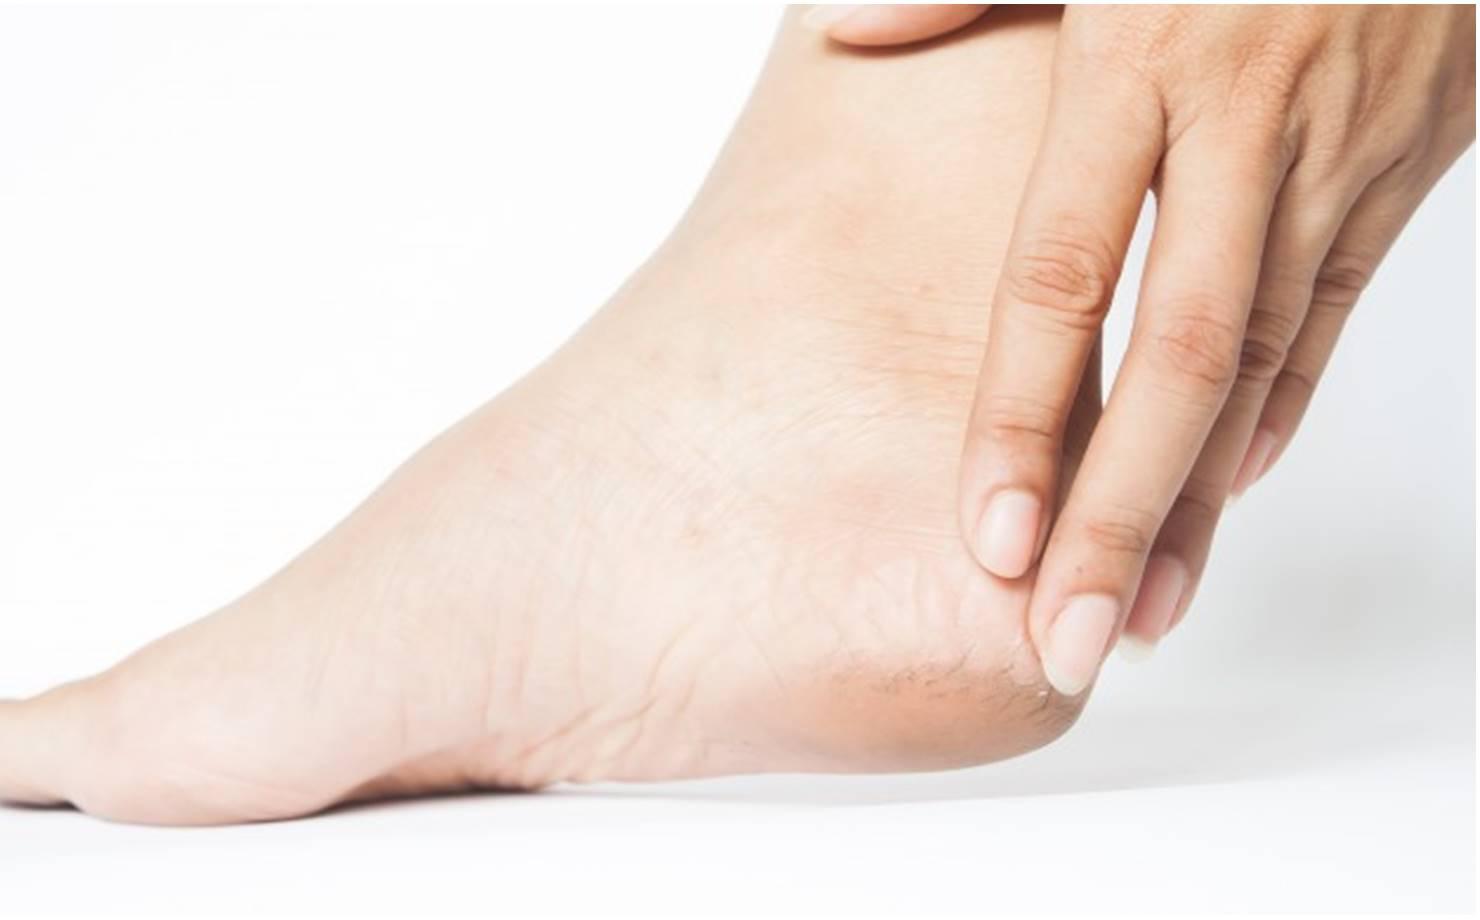 Como usar vaselina para tratar calcanhares rachados